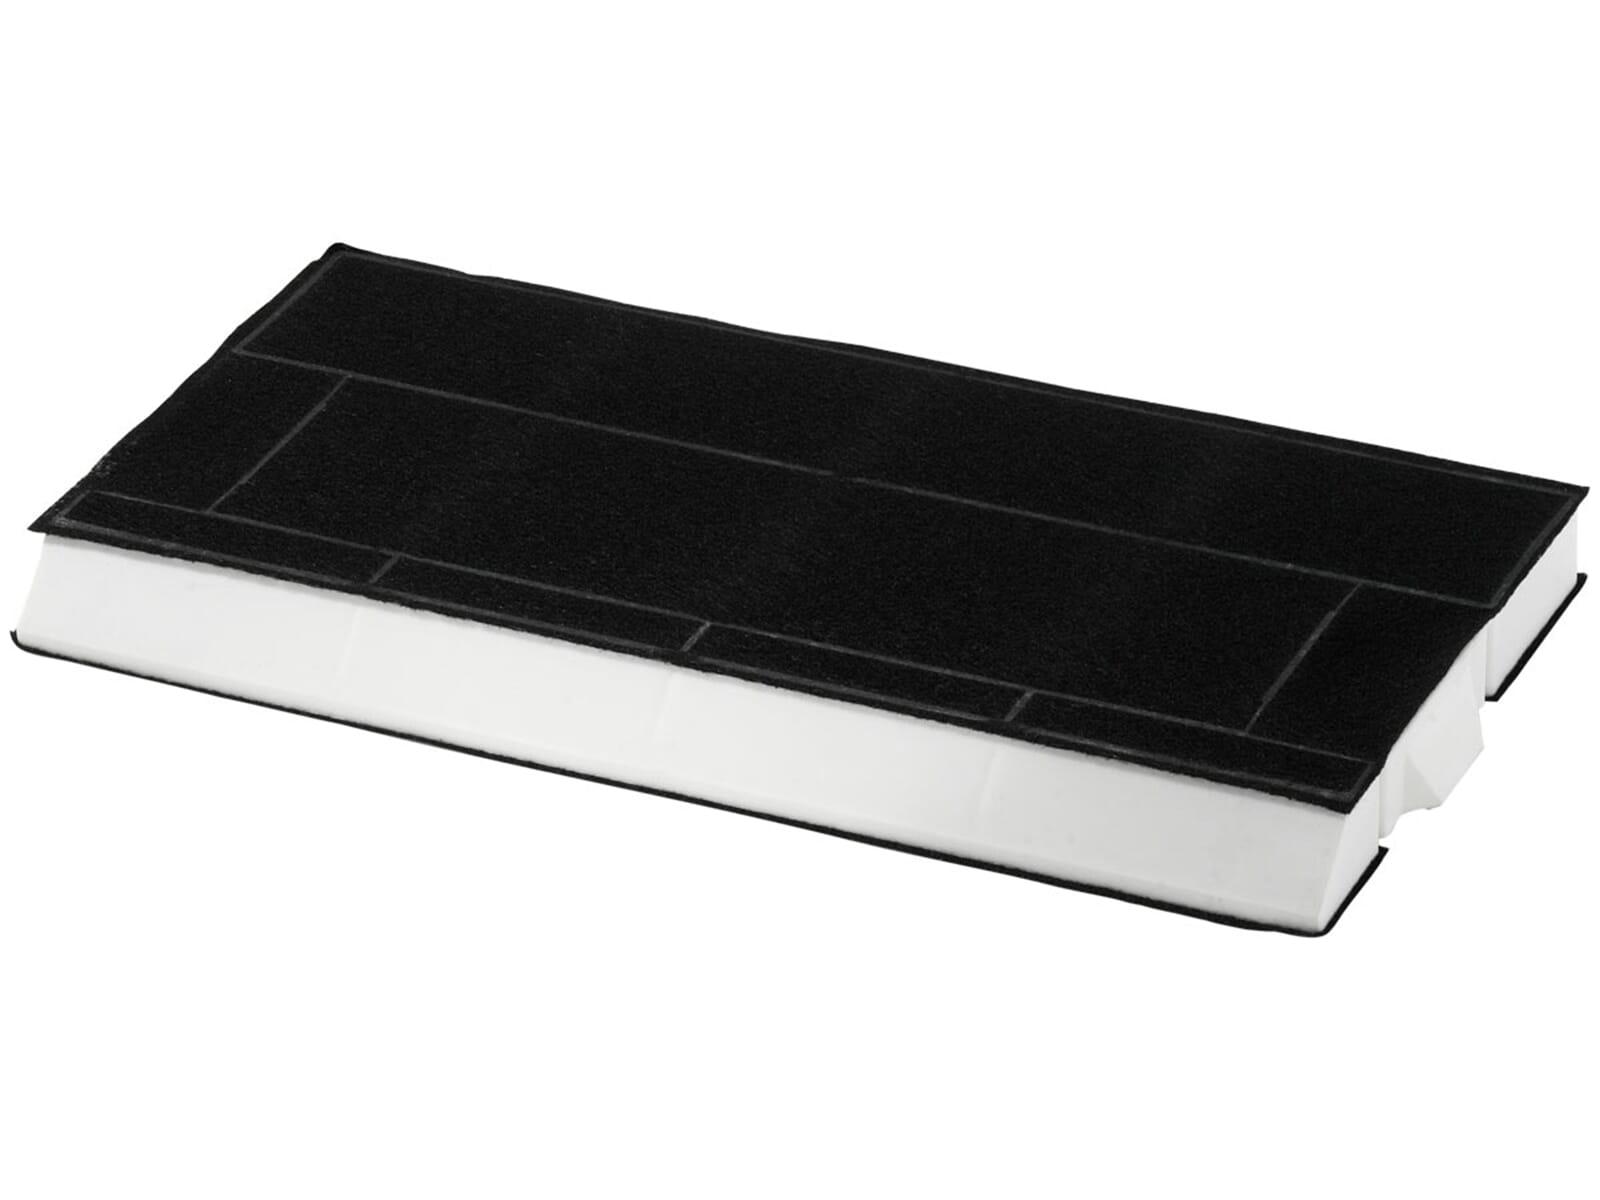 neff z5144x1 aktivkohlefilter f r 34 90 eur shop. Black Bedroom Furniture Sets. Home Design Ideas